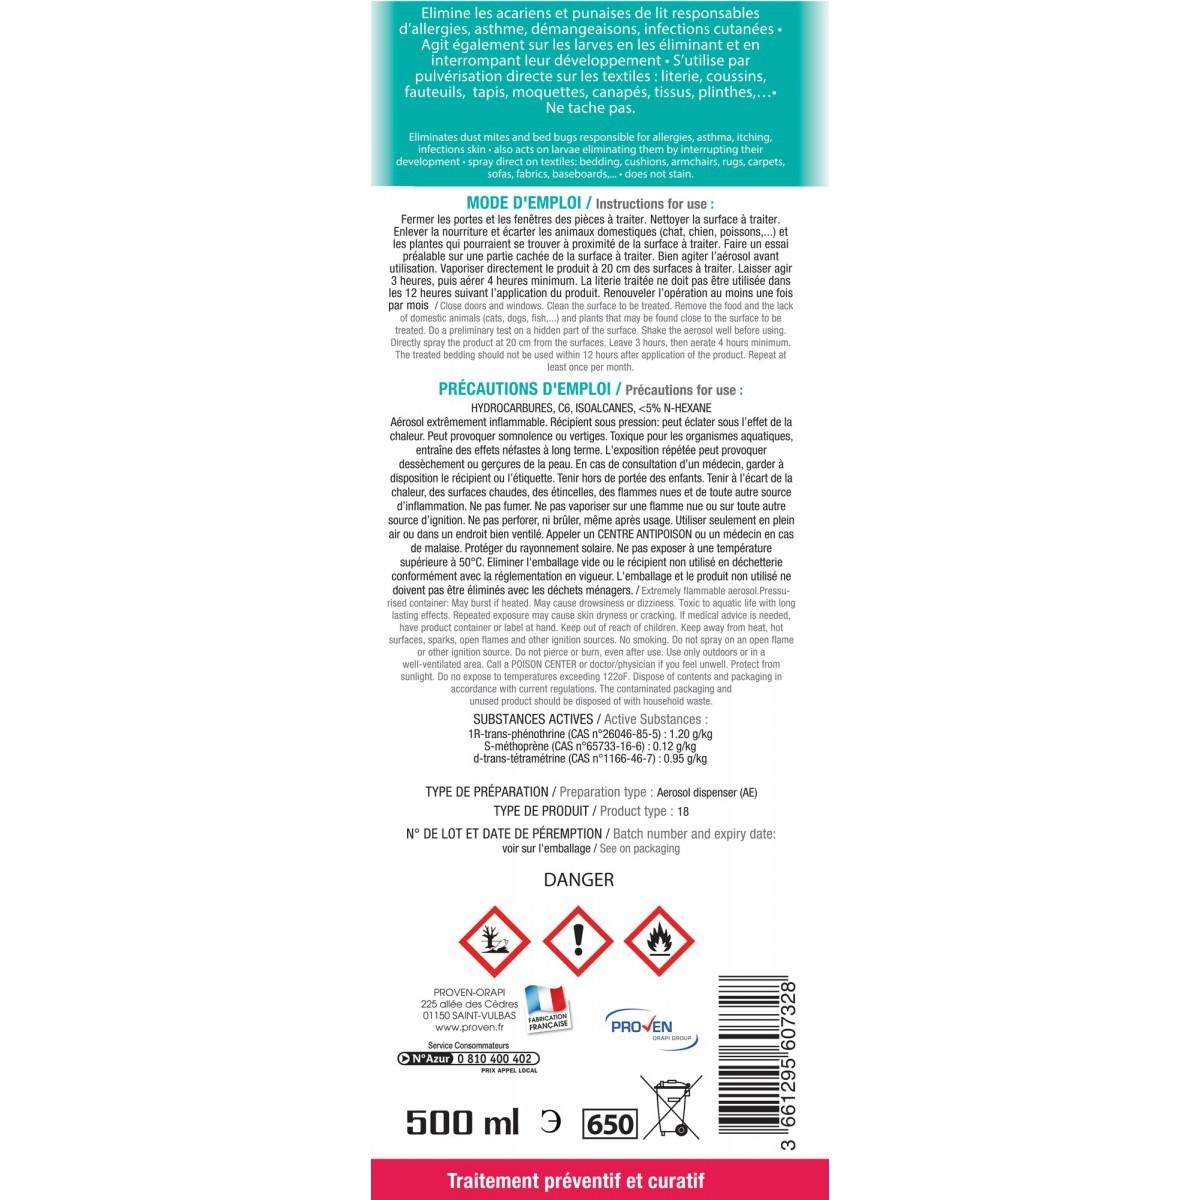 Antiacariens & punaises de lit Wyritol - Aérosol 500 ml